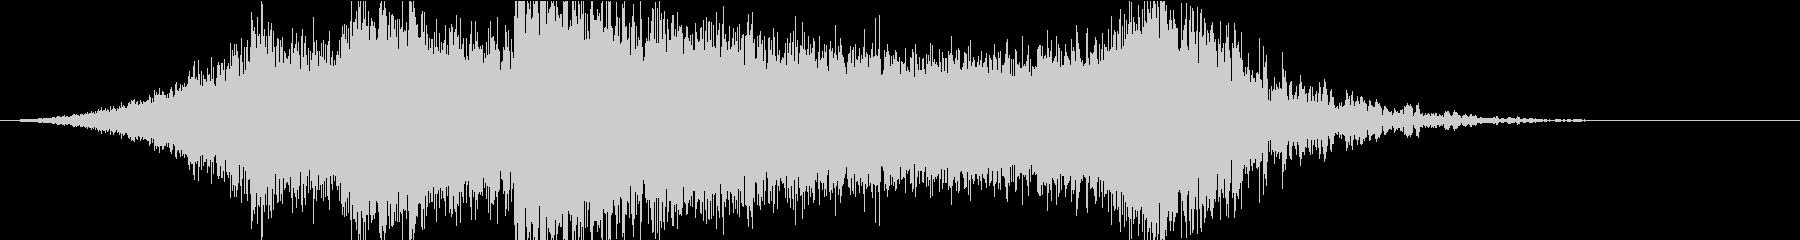 シネマトレーラー1MIDDLE_Sの未再生の波形